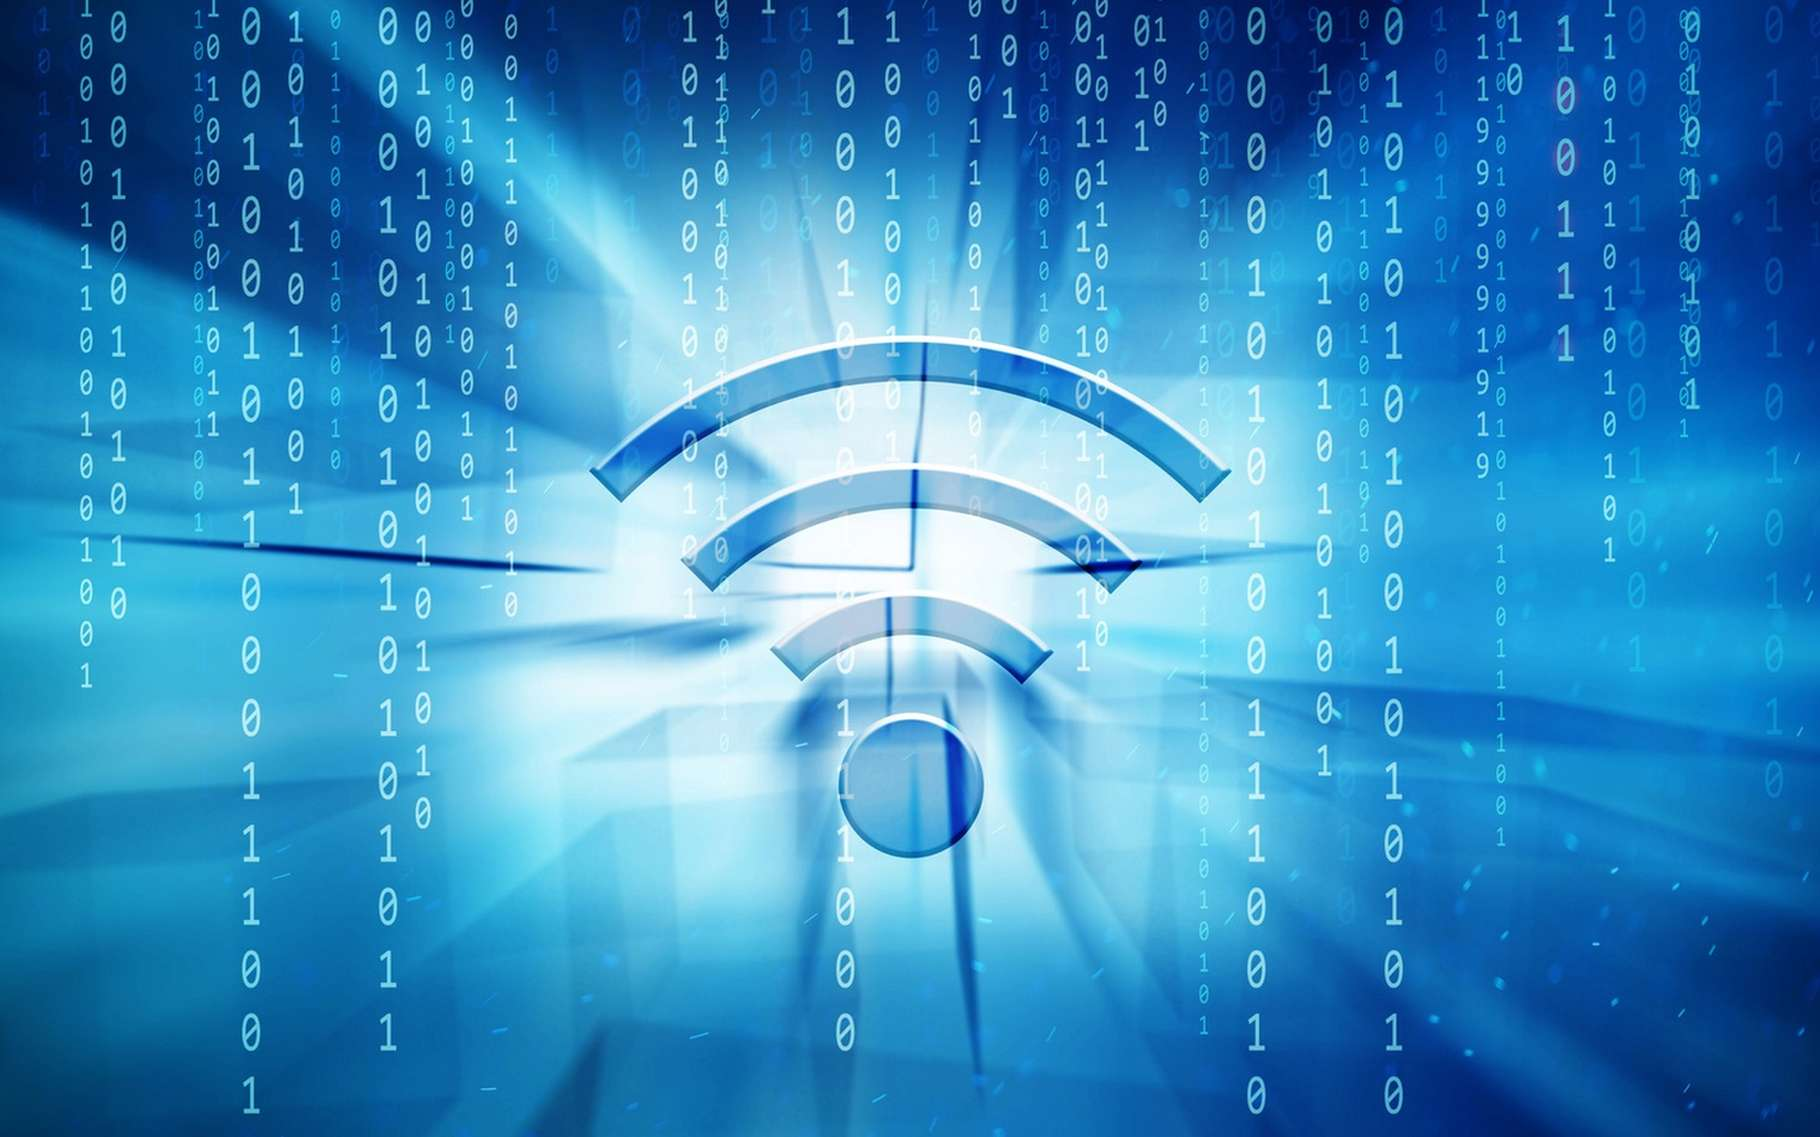 Le Wi-Fi est le mode de connexion sans fil le plus répandu. © Robsonphoto, Fotolia